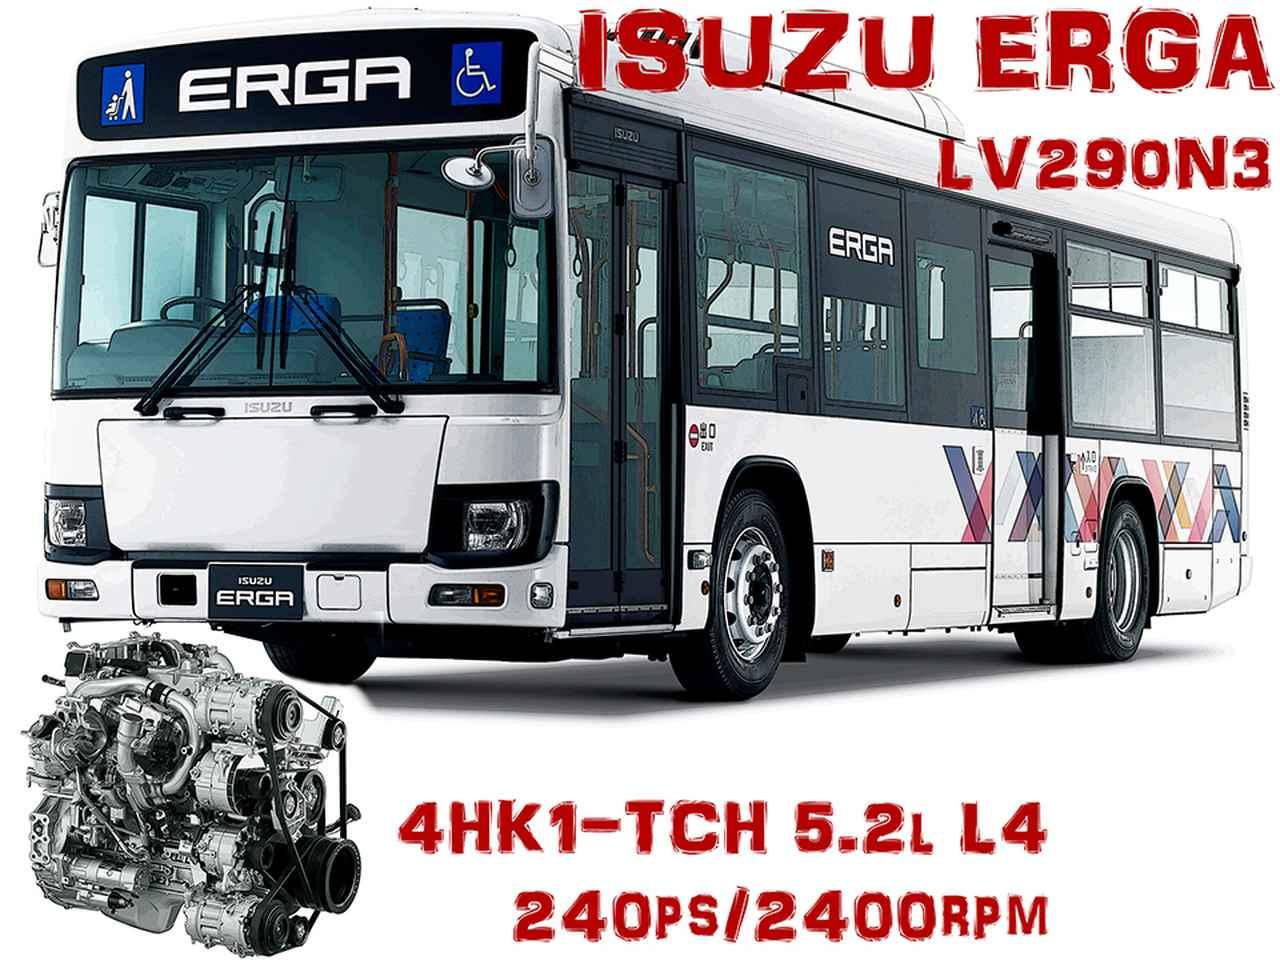 Images : 1番目の画像 - モンスターマシンに昂ぶる 13 路線バス - Webモーターマガジン